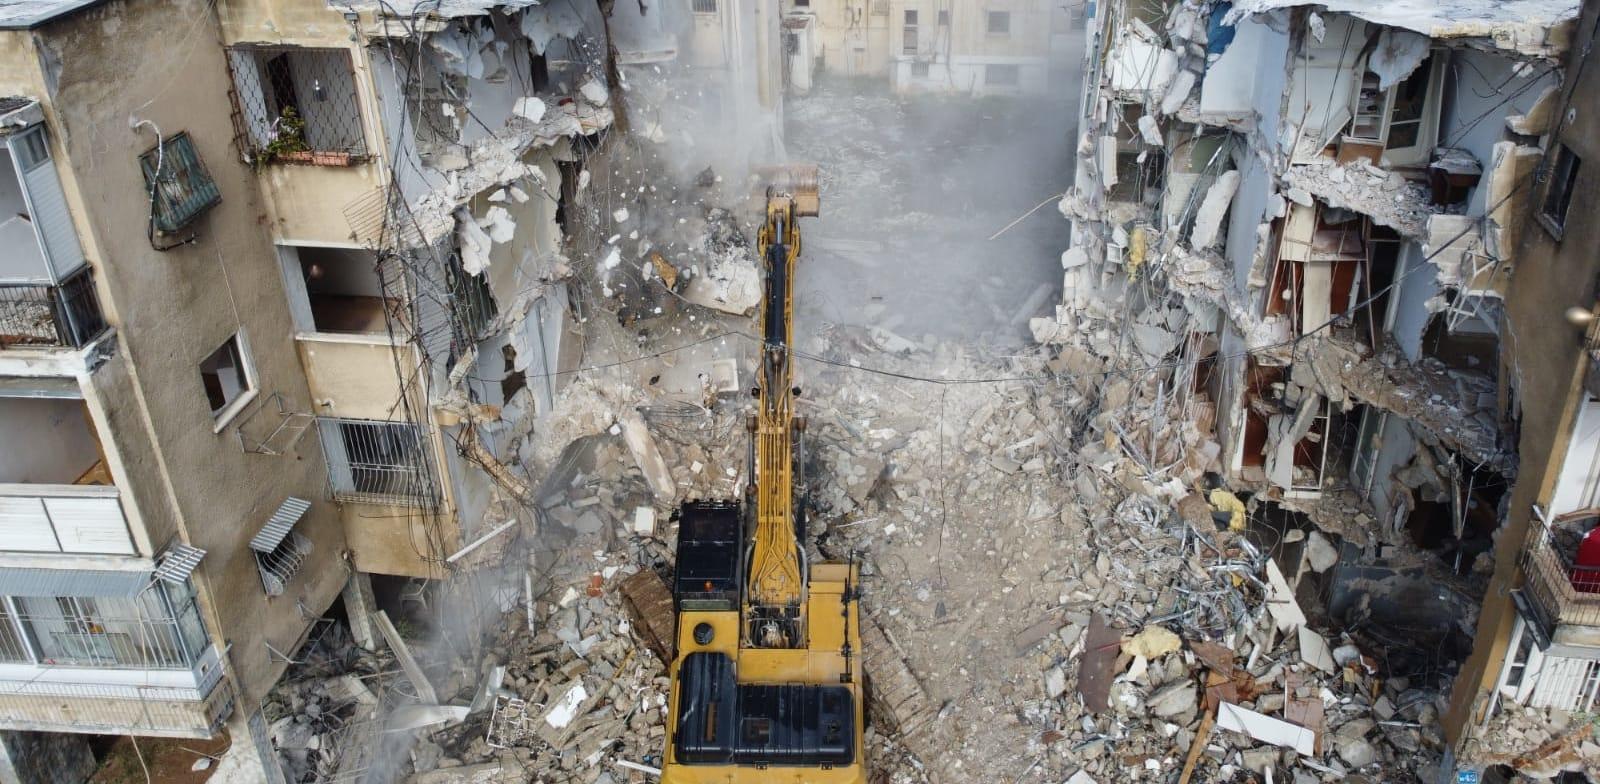 הריסת הבניין ברחוב בודנהיימר בתל אביב, השבוע / צילום: אילן וישקובסקי